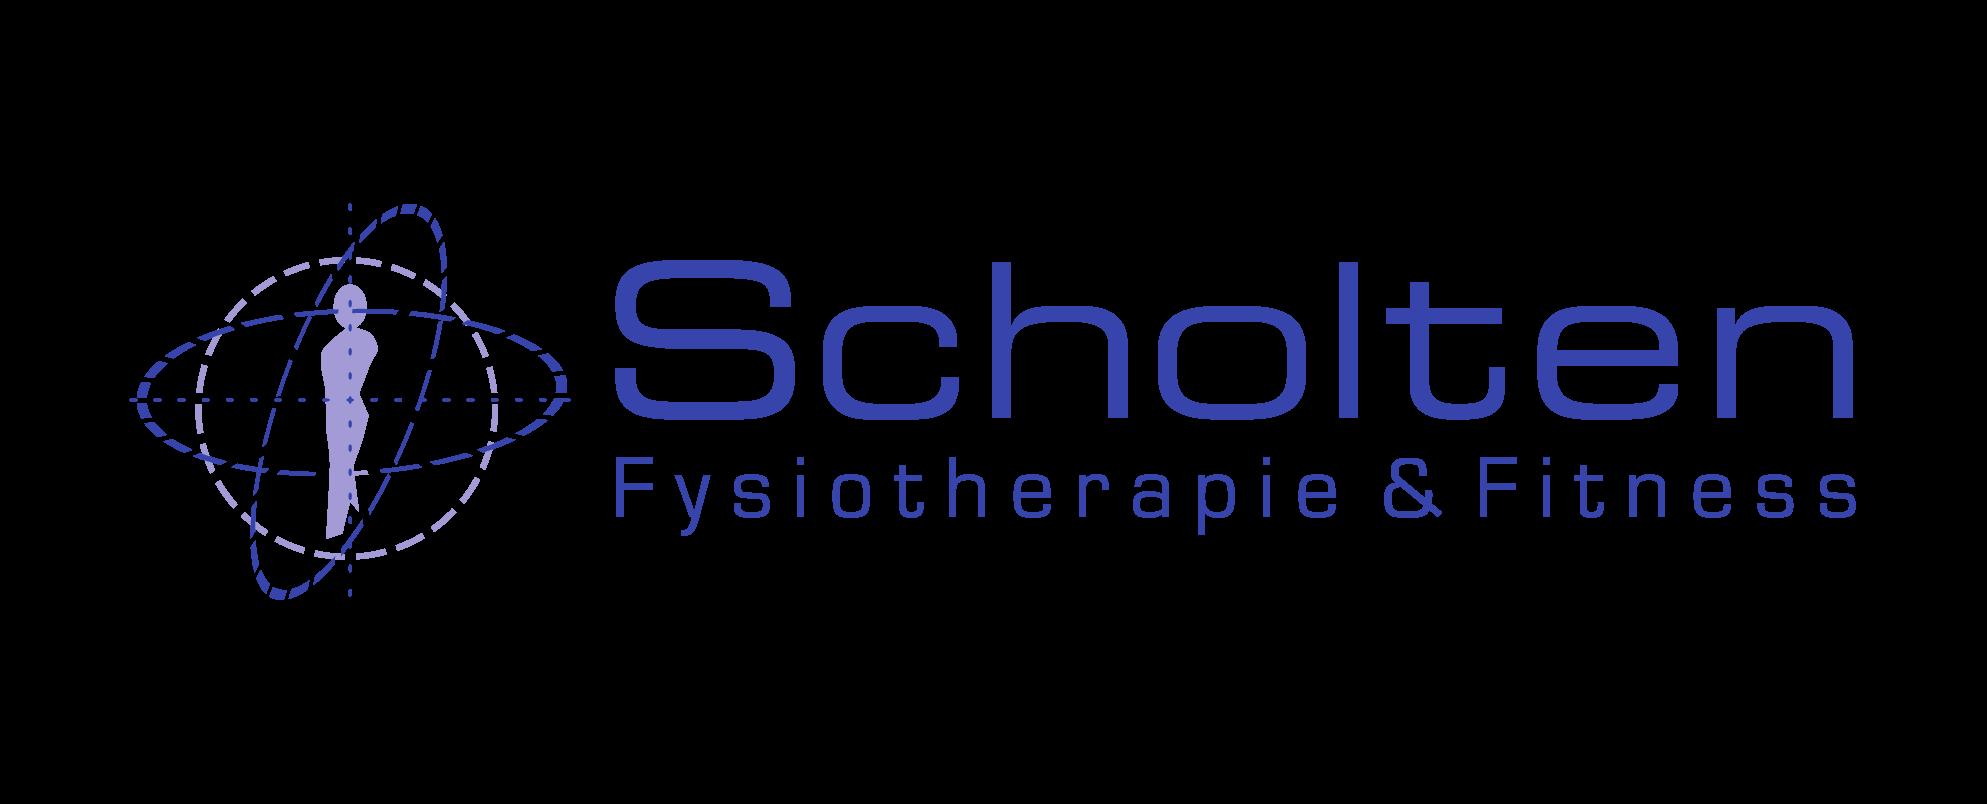 Fysiotherapie Scholten